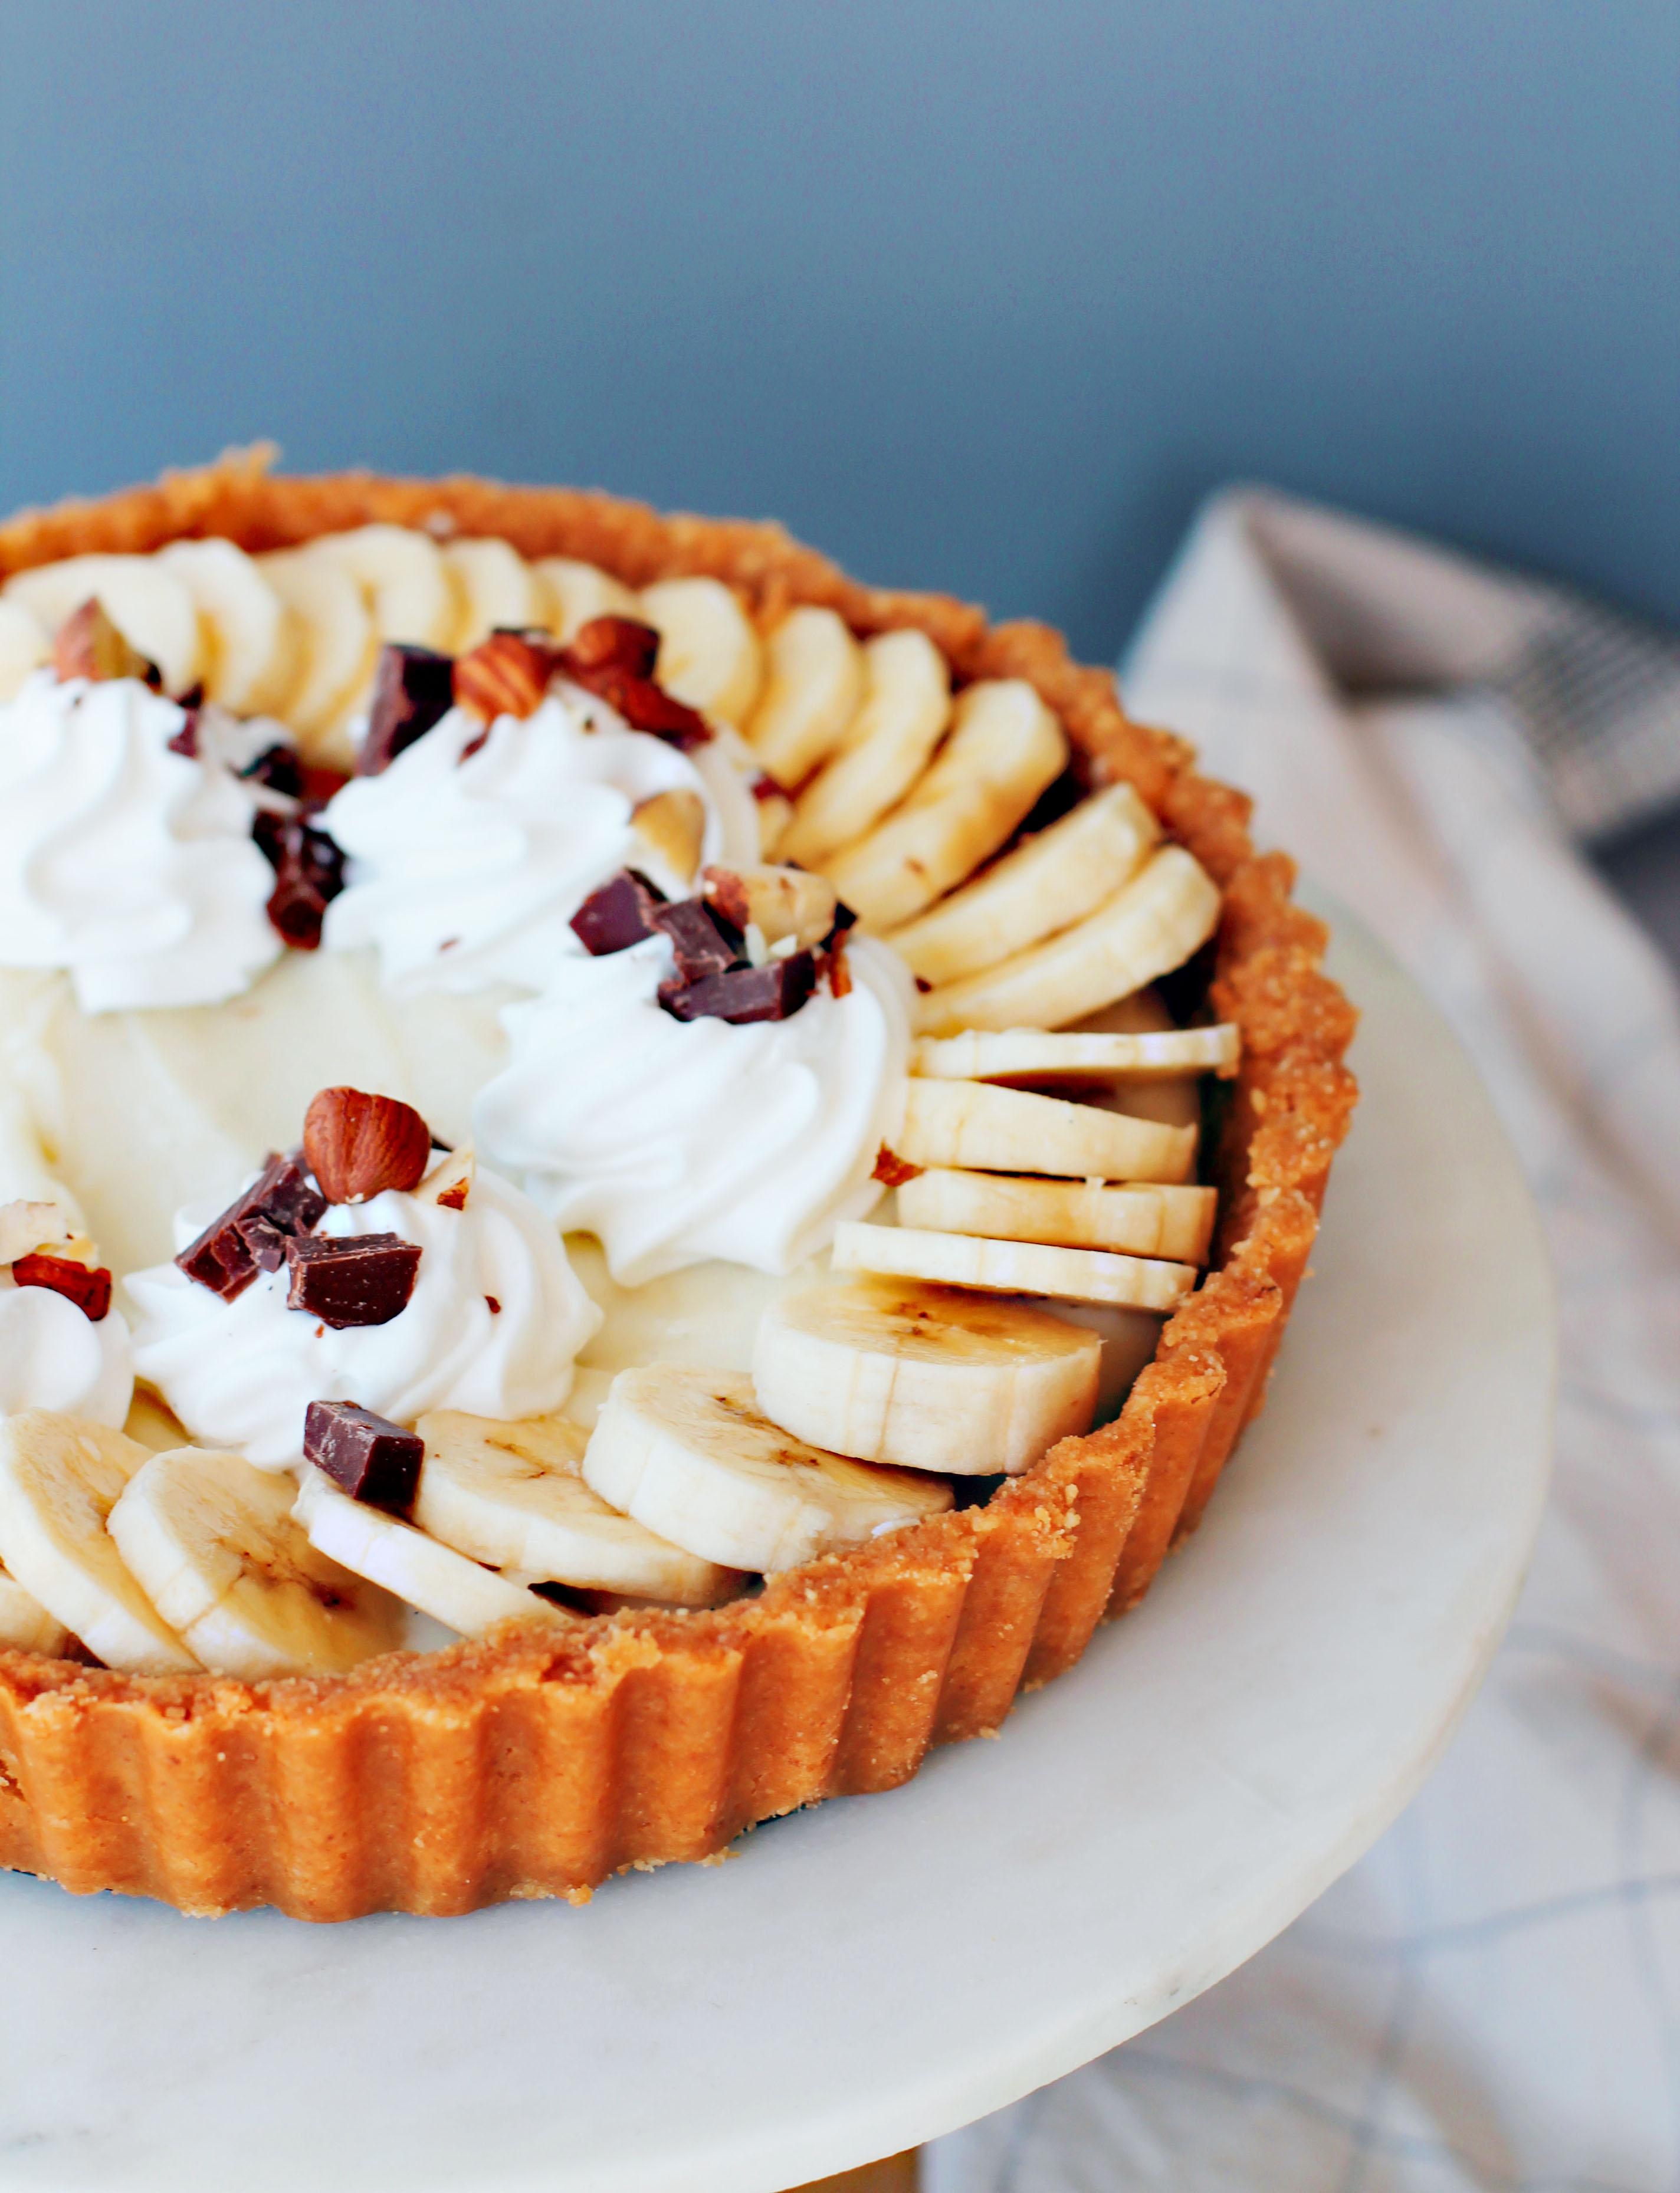 vegansk banana cream pie recept